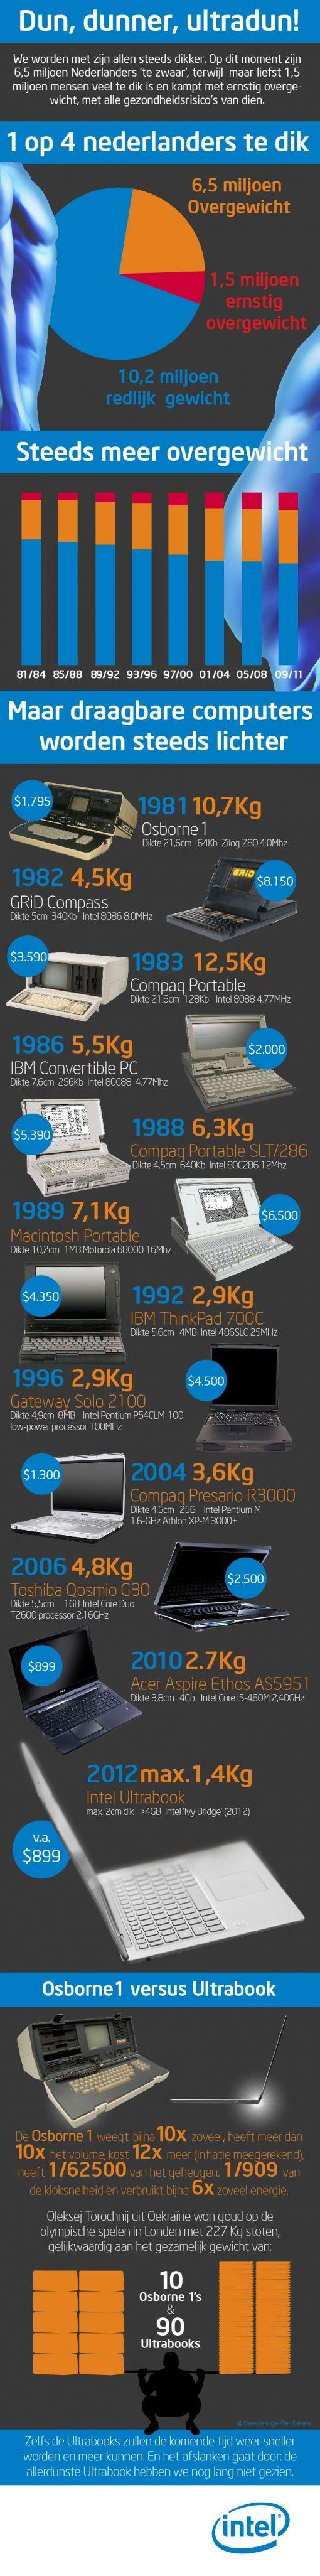 Infographic Intel dun dunner ultradun